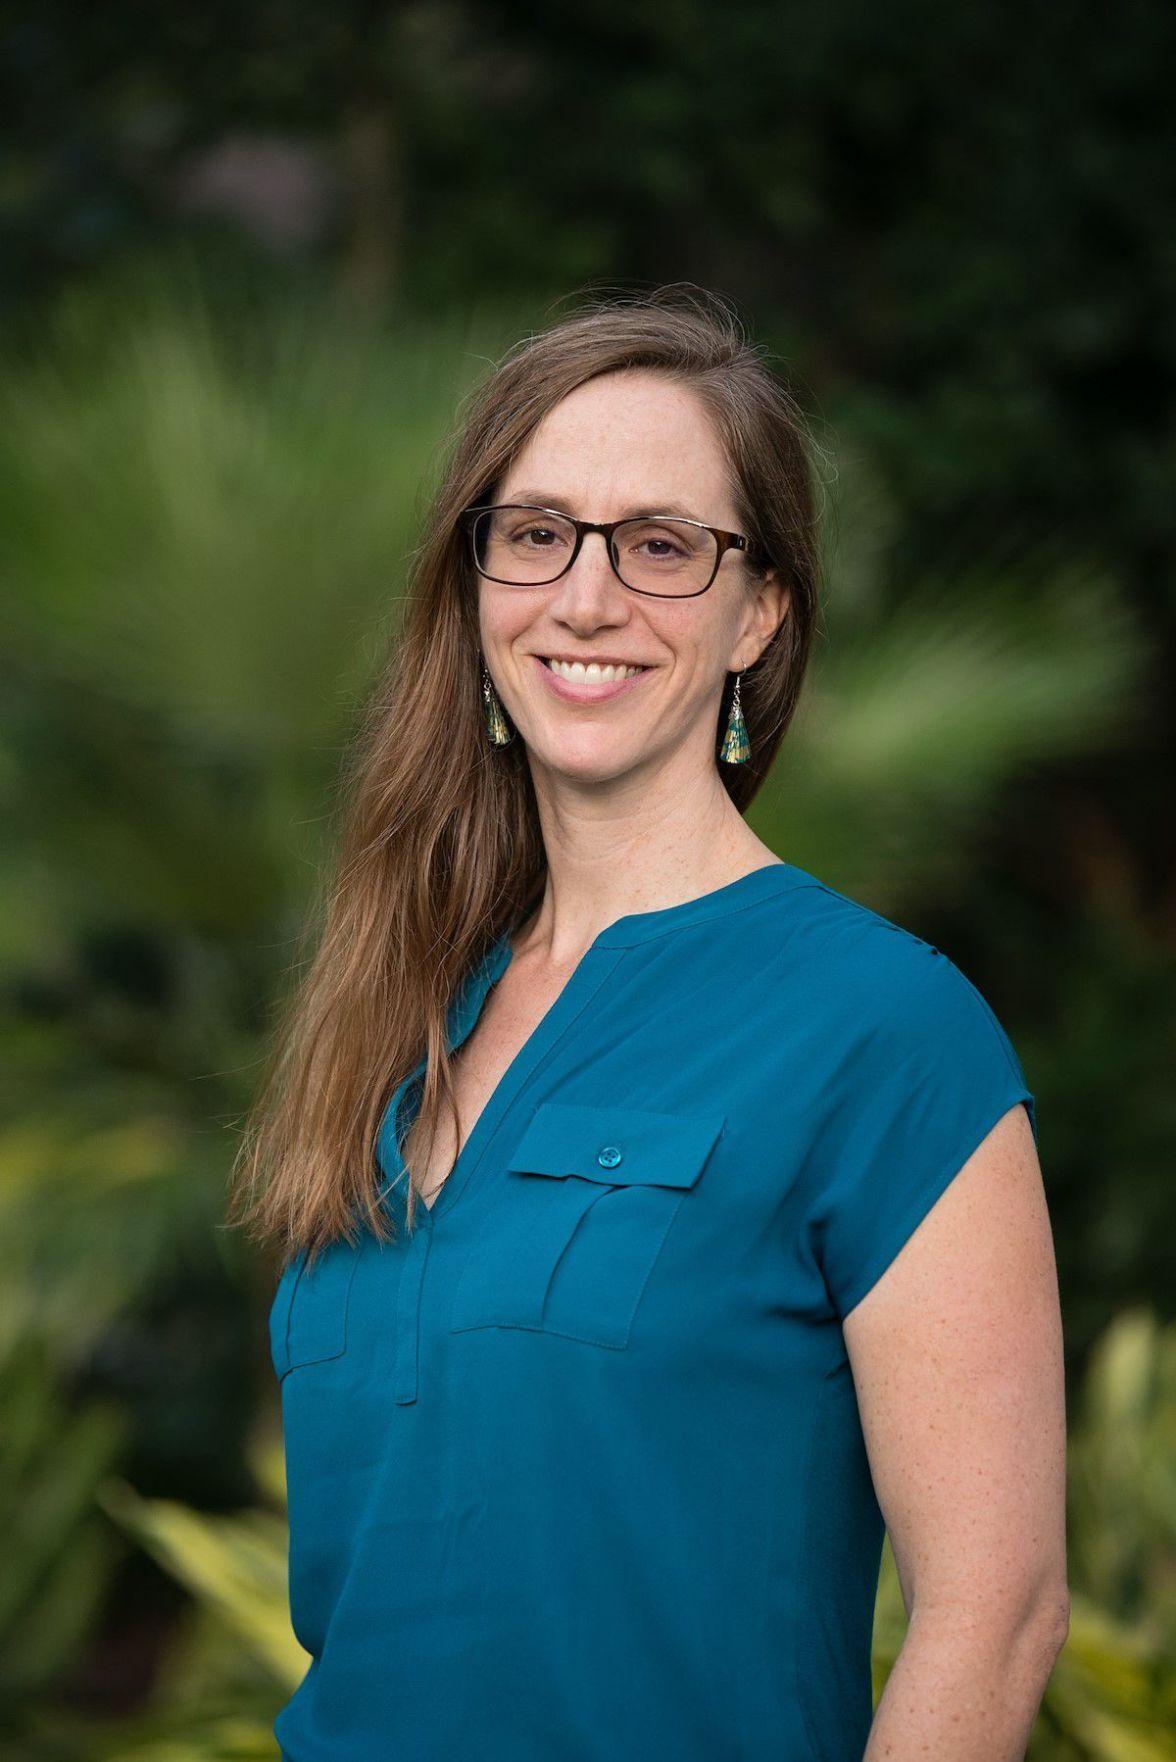 Sarah Zachrich Jeng, Photo © Megan Brown 2020.tif